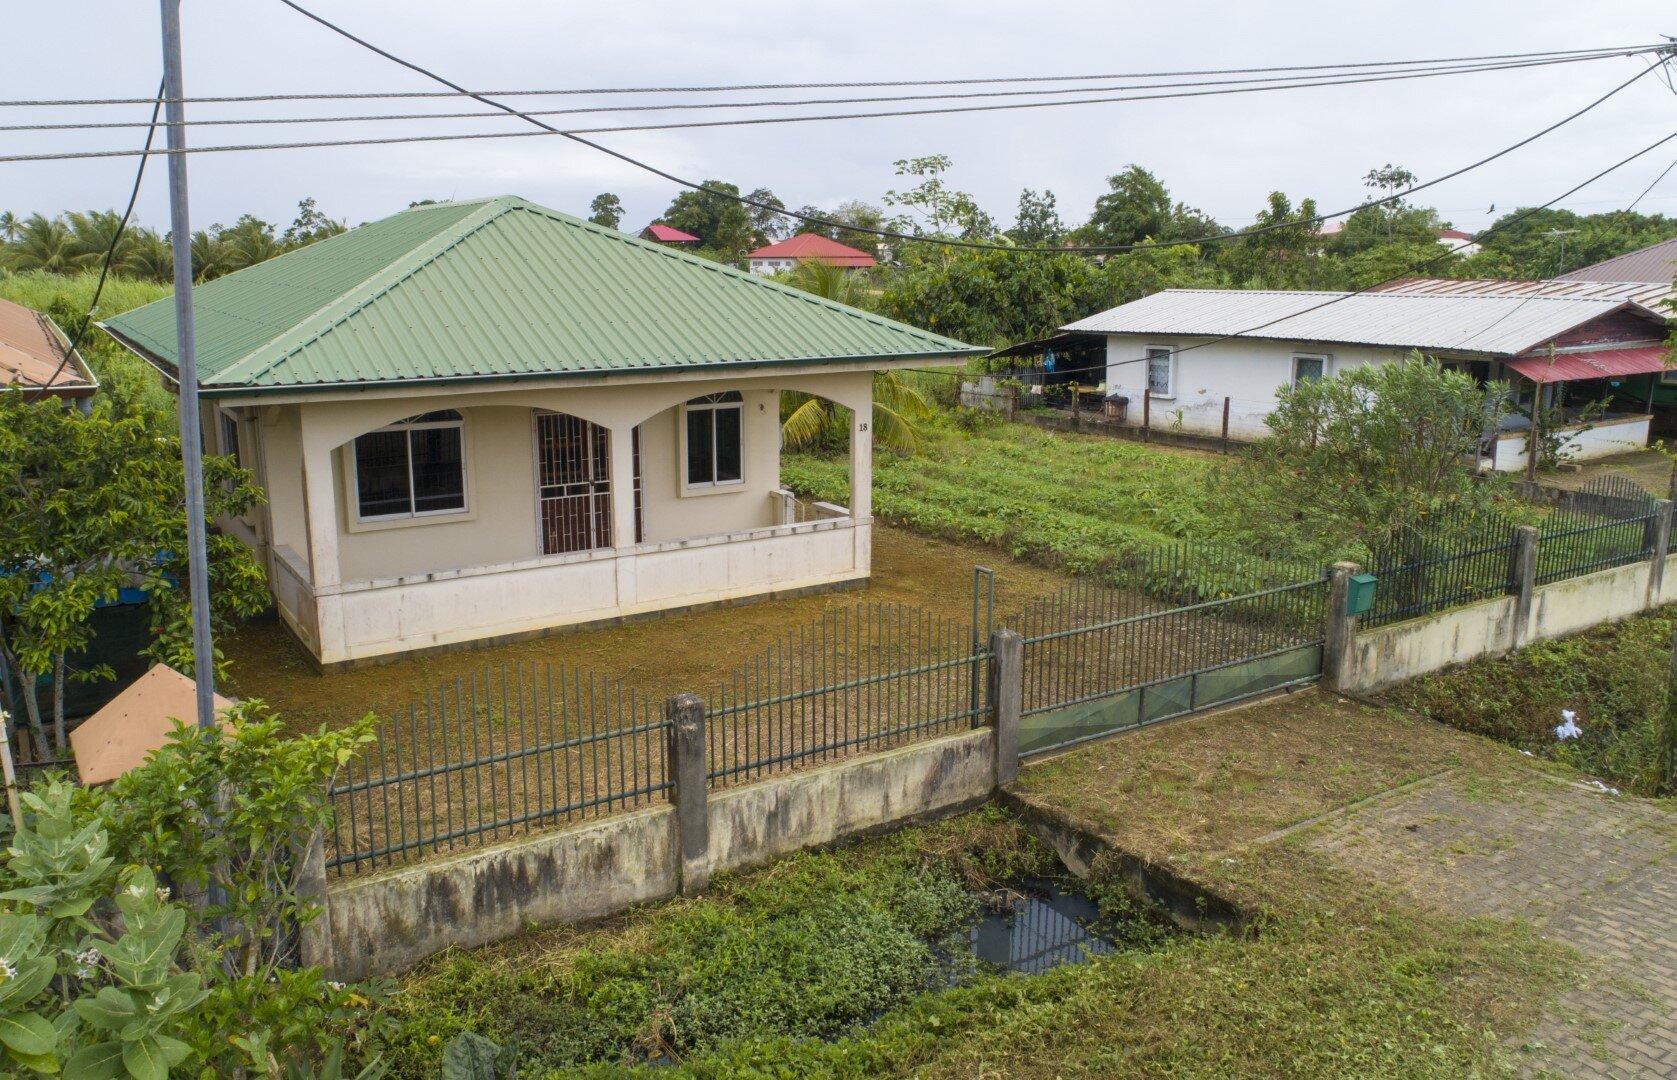 Napoleonstraat 17+18 - Deze leuke eengezinswoning in een rustige omgeving staat nu te koop! - Surgoed Makelaardij NV - Paramaribo, Suriname